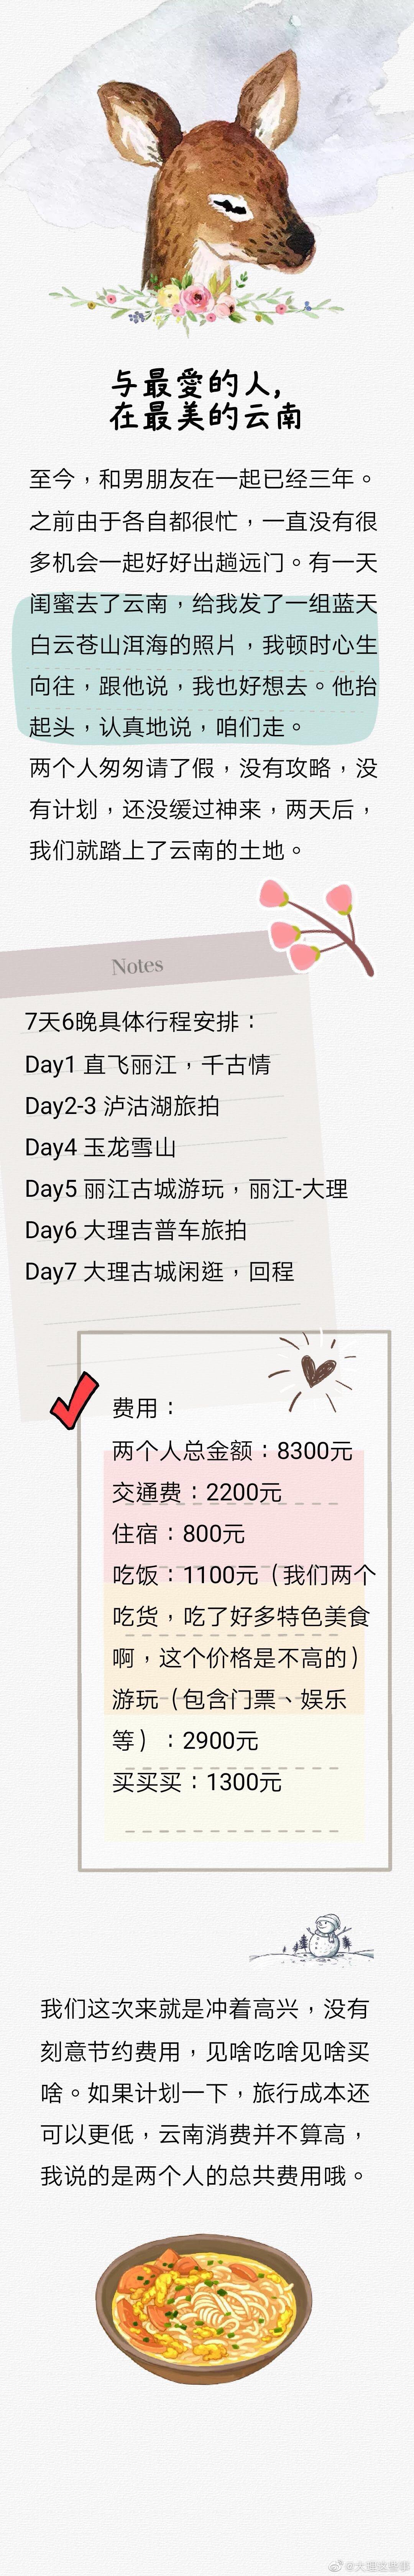 『网友投稿』云南旅游狗粮攻略来袭在泸沽湖看到天堂的模样